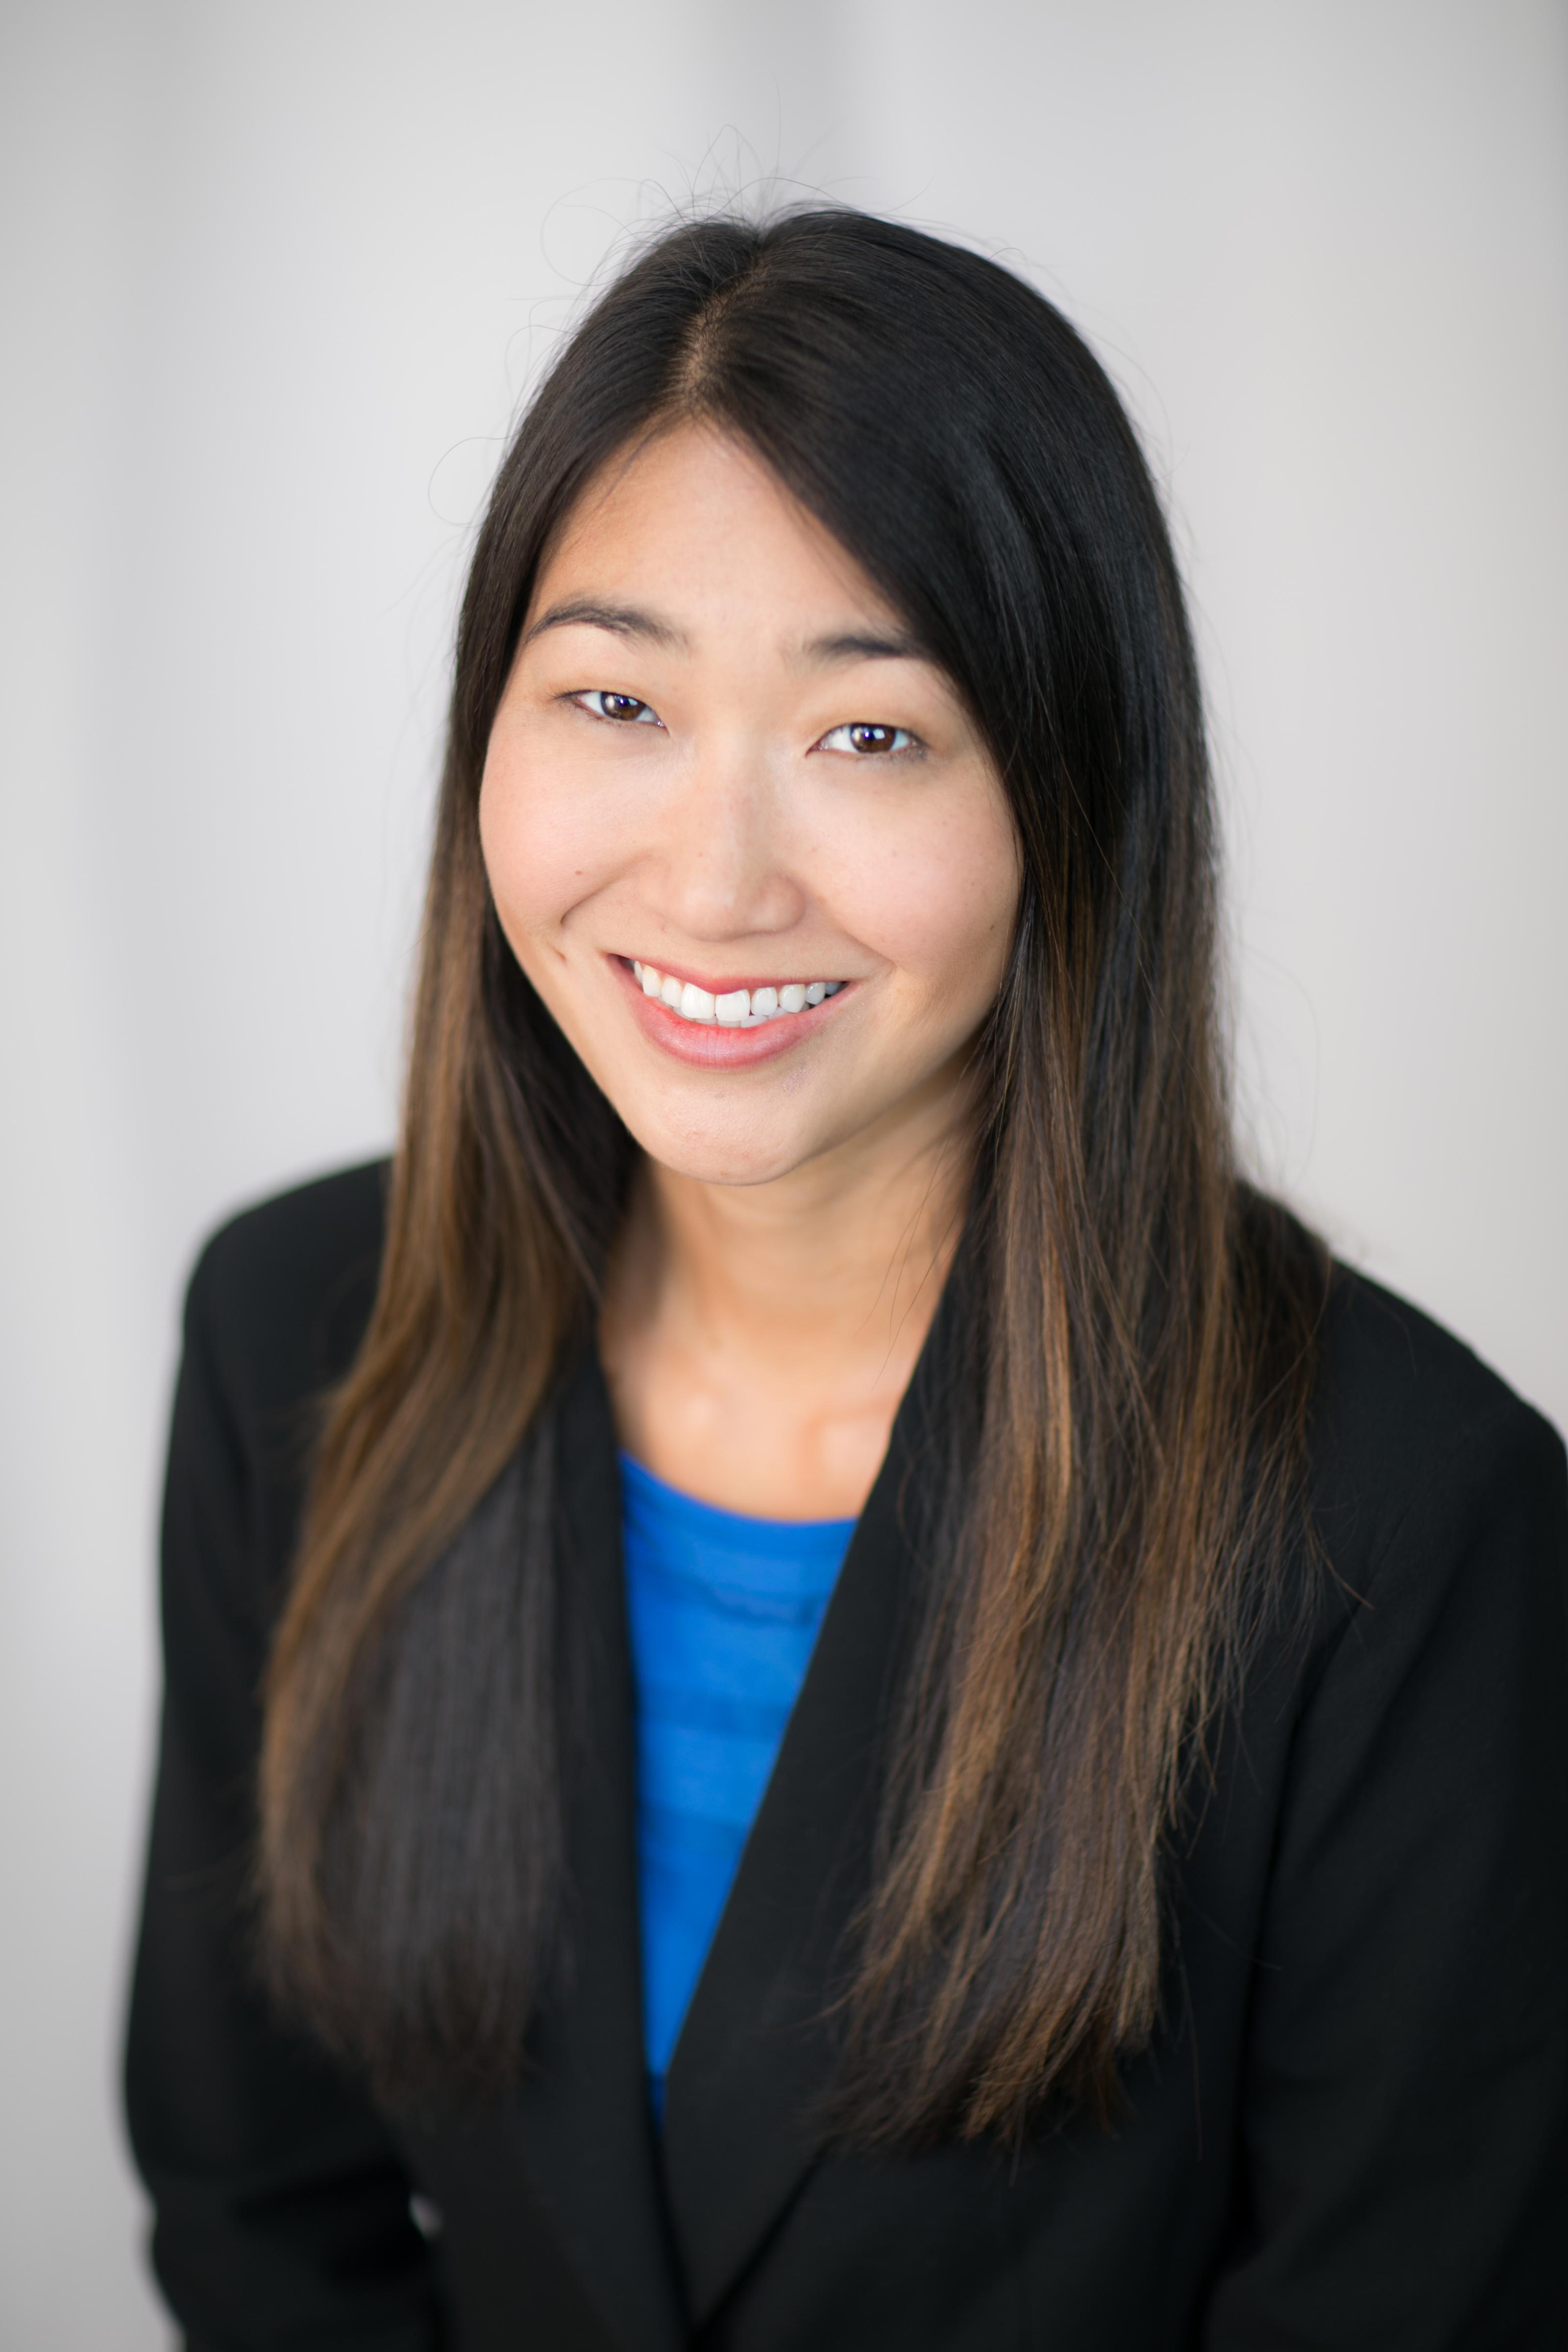 Dr. Christine A. Profito